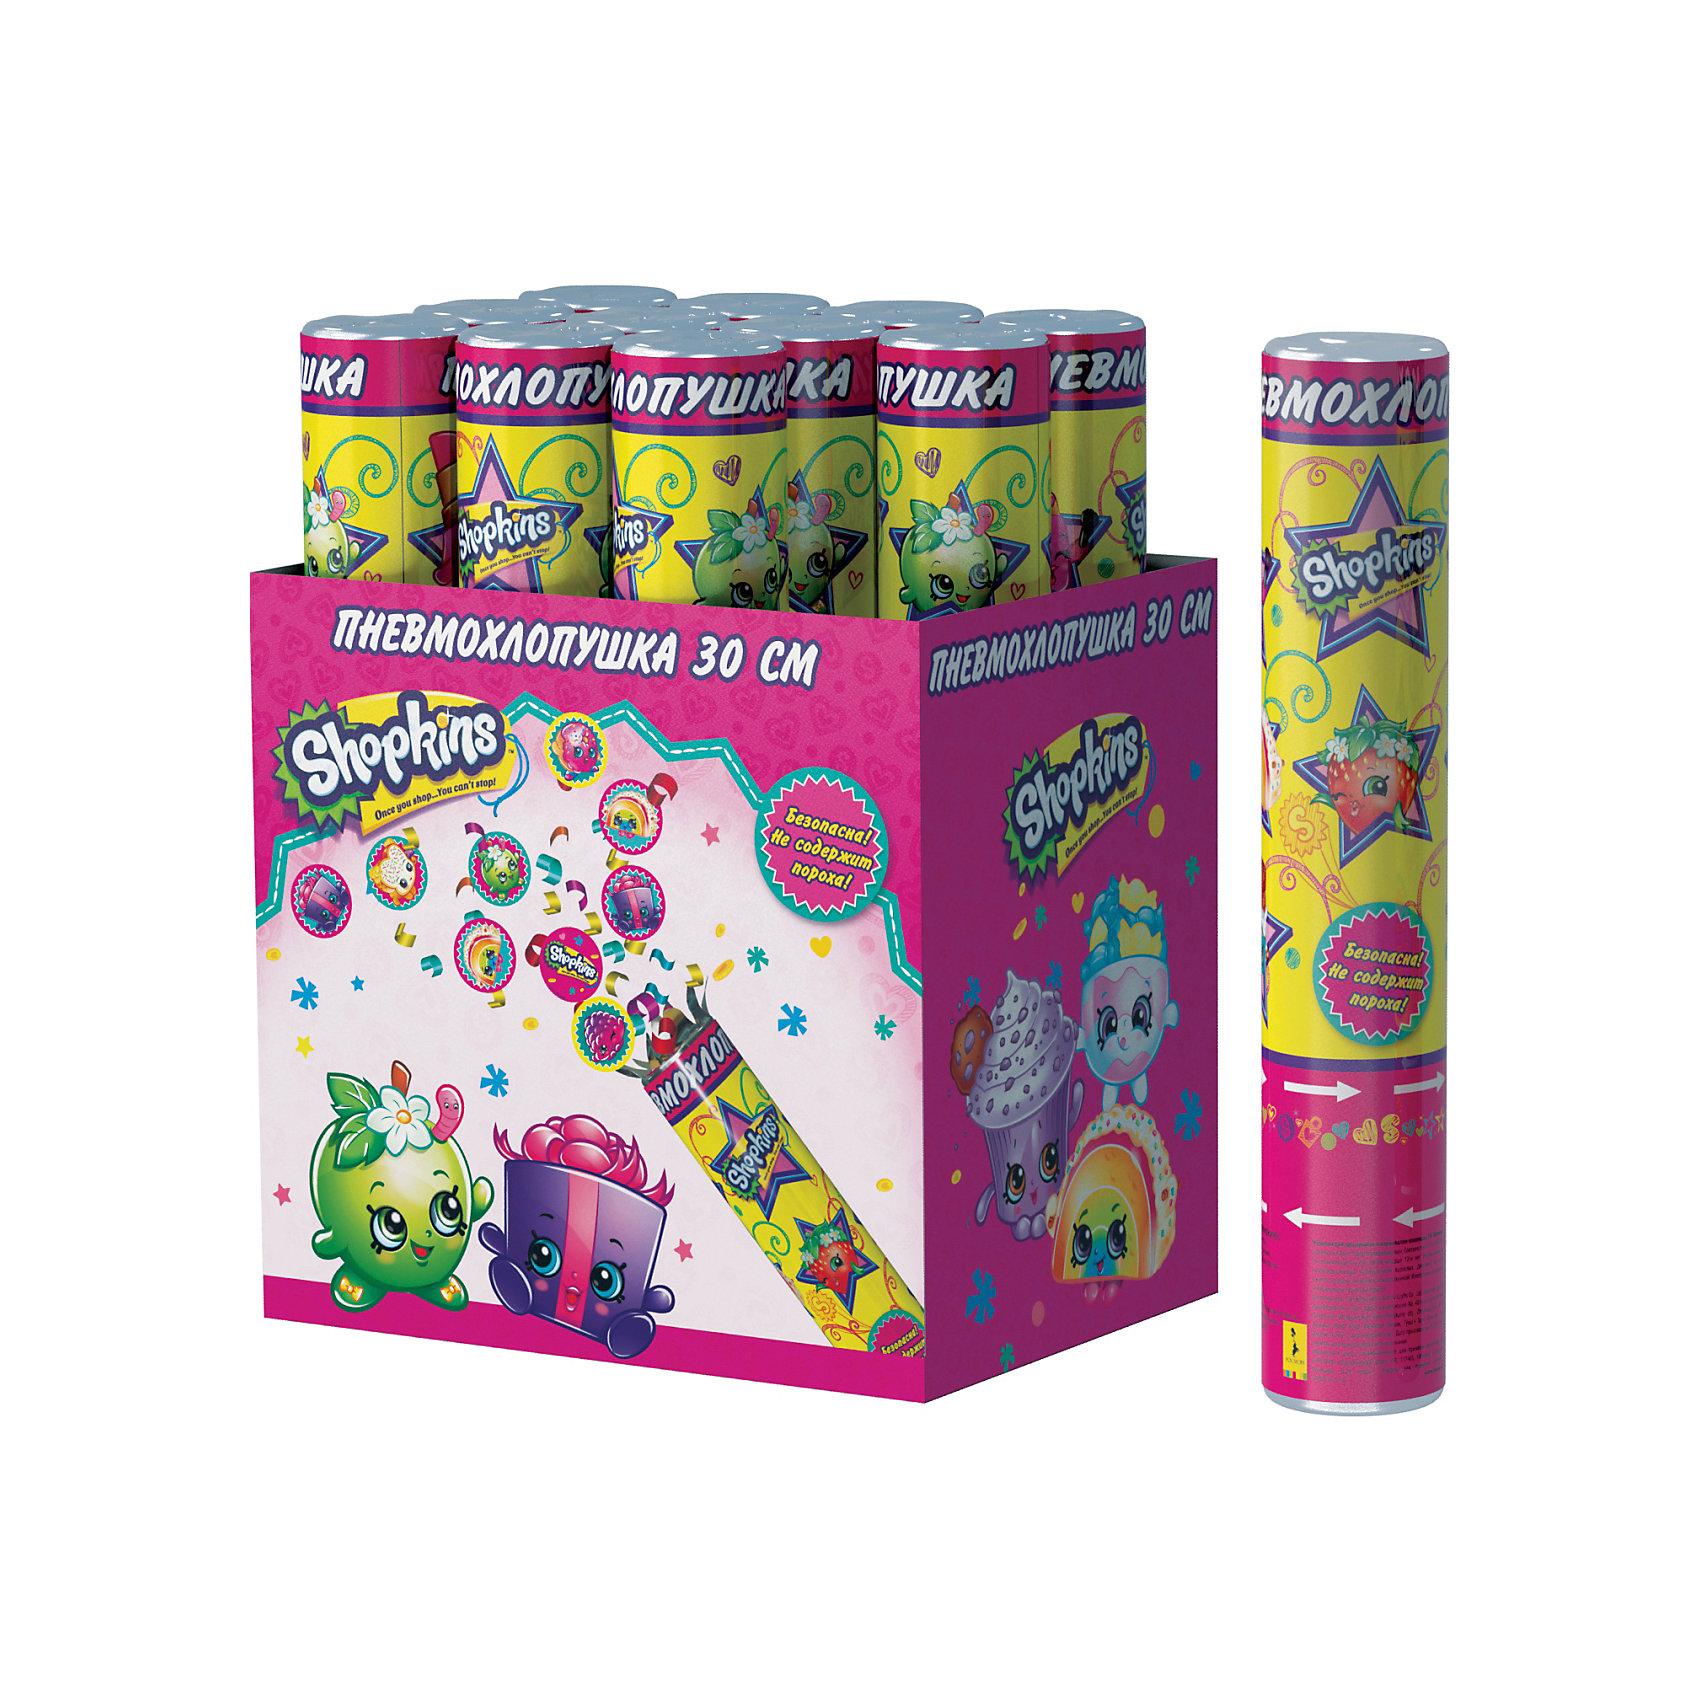 Пневмохлопушка Росмэн Shopkins, 30 см конфетти с героямиДетские хлопушки и бумфетти<br>Пневмохлопушка Шопкинс высотой 30 см наполнена фольгой и разноцветным круглым конфетти с героями мультфильма. Изделие представляет собой металлическую тубу с бумажным и фольгированным наполнением, не содержит пороха, действует на основе сжатого воздуха, безопасно при использовании по назначению. Товар сертифицирован.<br><br>Ширина мм: 9999<br>Глубина мм: 50<br>Высота мм: 300<br>Вес г: 150<br>Возраст от месяцев: 144<br>Возраст до месяцев: 144<br>Пол: Женский<br>Возраст: Детский<br>SKU: 7175820